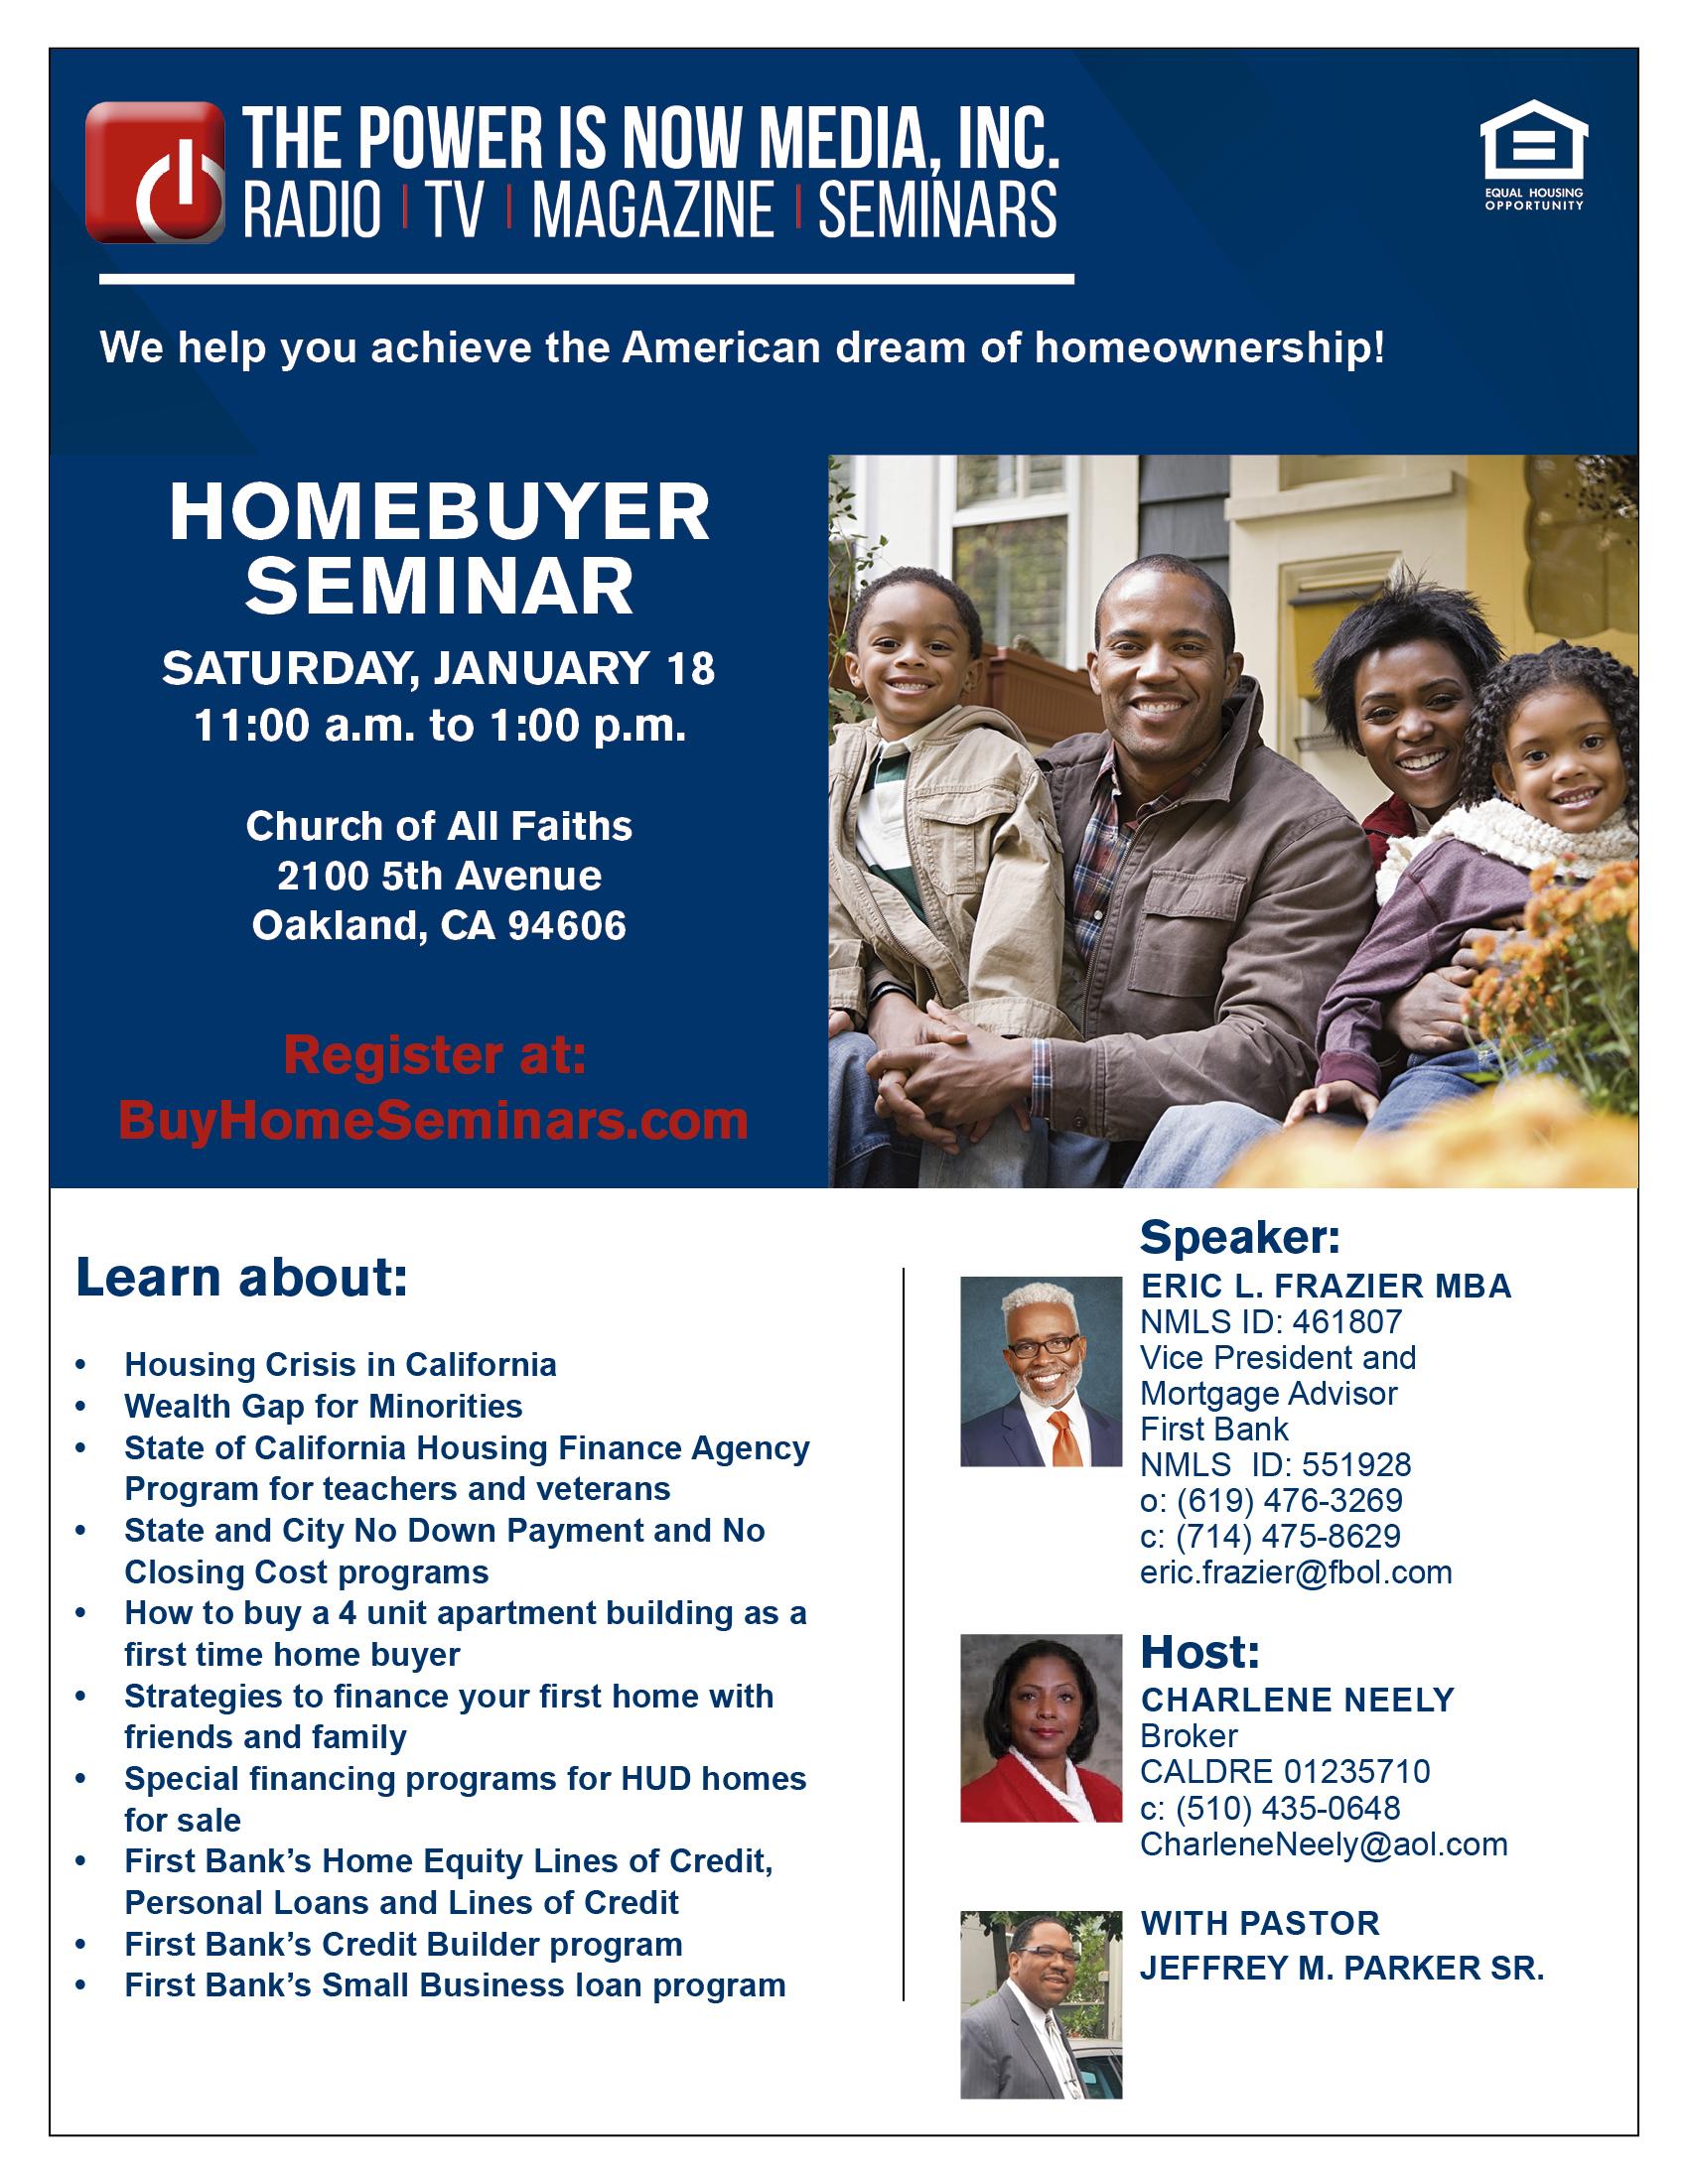 Homebuyer Seminar – Church of All Faiths